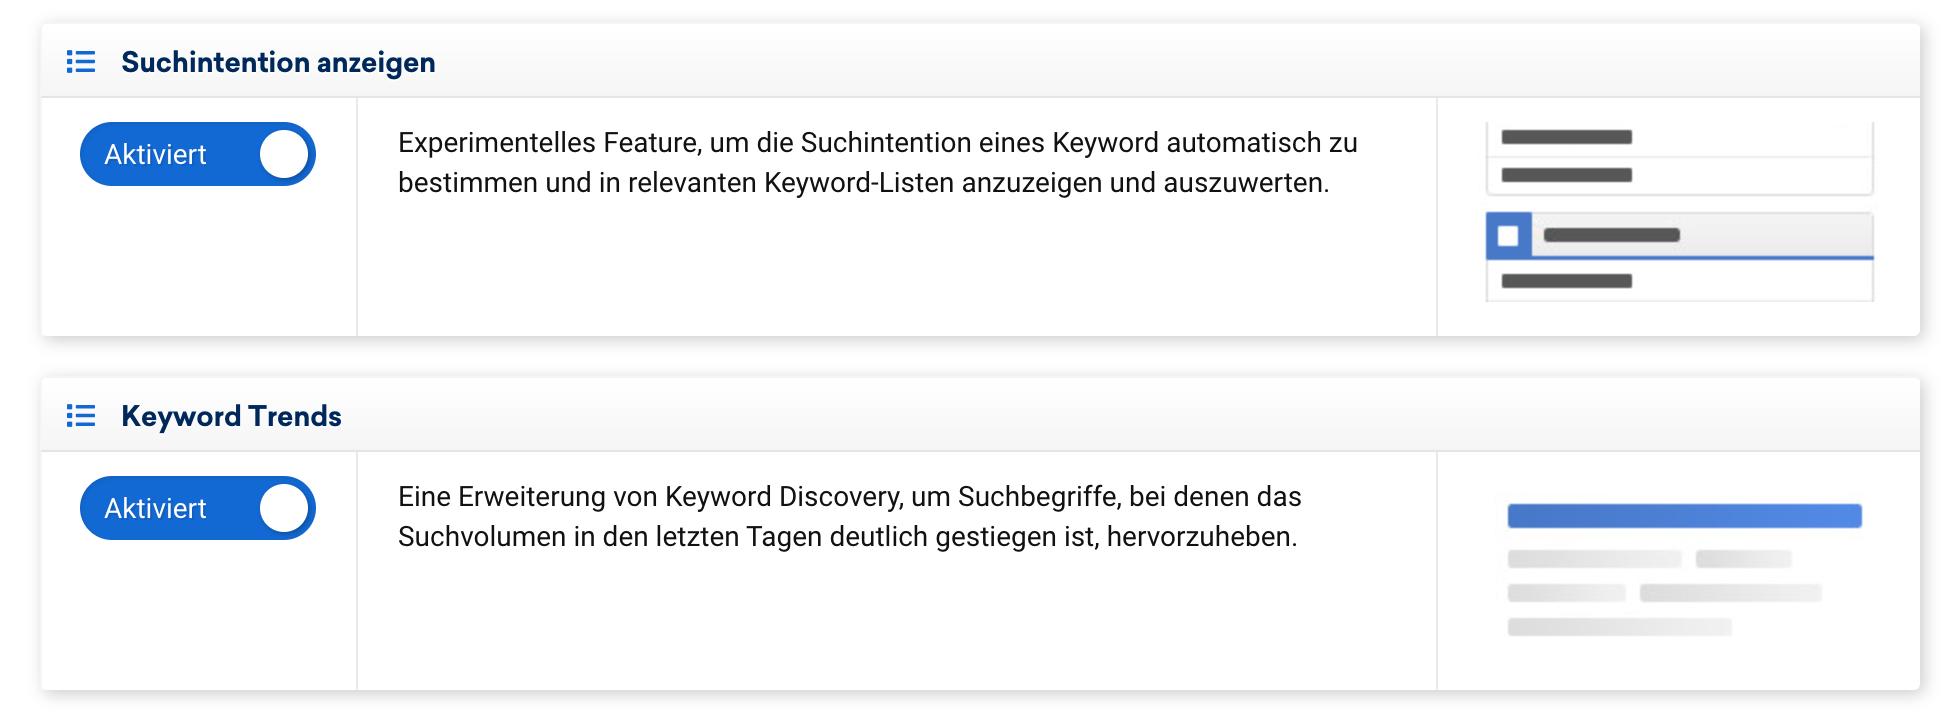 Ansicht von zwei SISTRIX Labs Features. Zu sehen ist eine kurze Beschreibung was das Feature macht sowie der Schalter um dieses Feature an und auch wieder aus zu schalten.